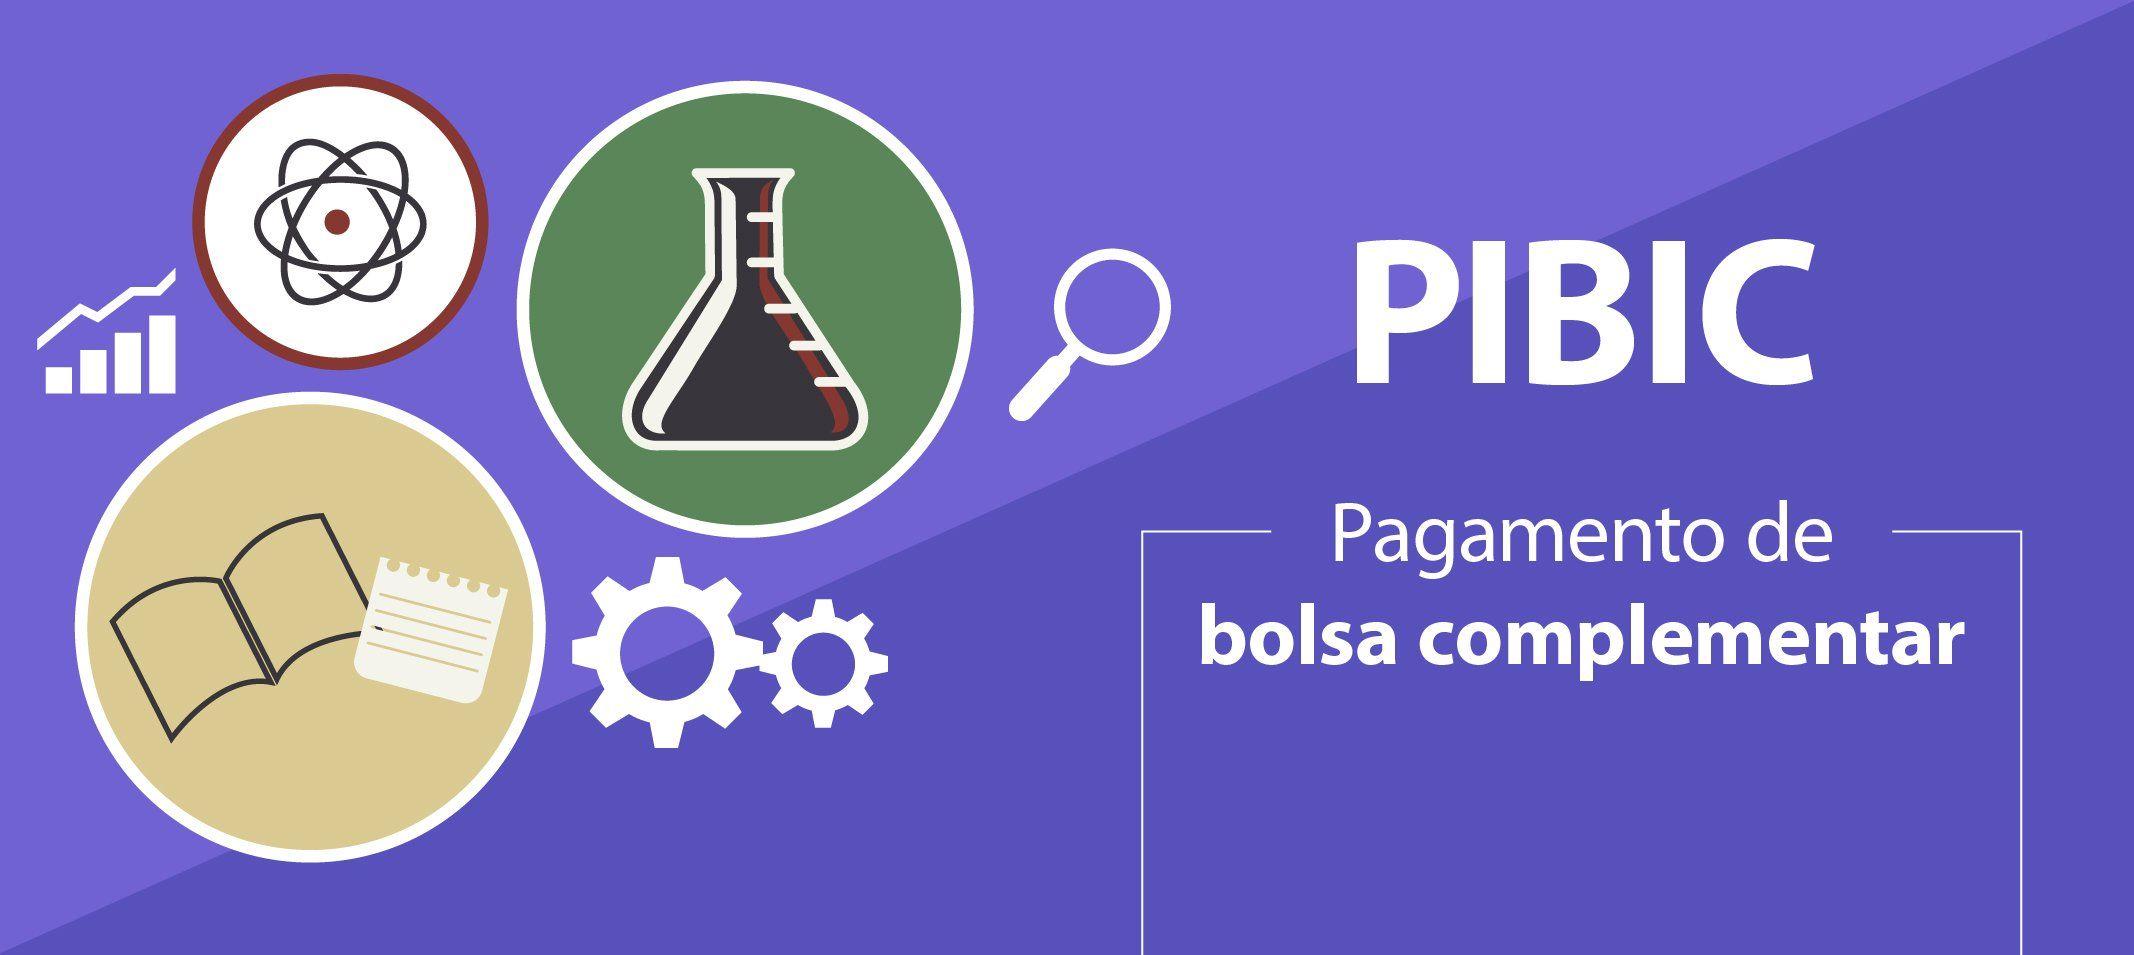 Ufam paga bolsa complementar aos concluintes do PIBIC 2019/2020